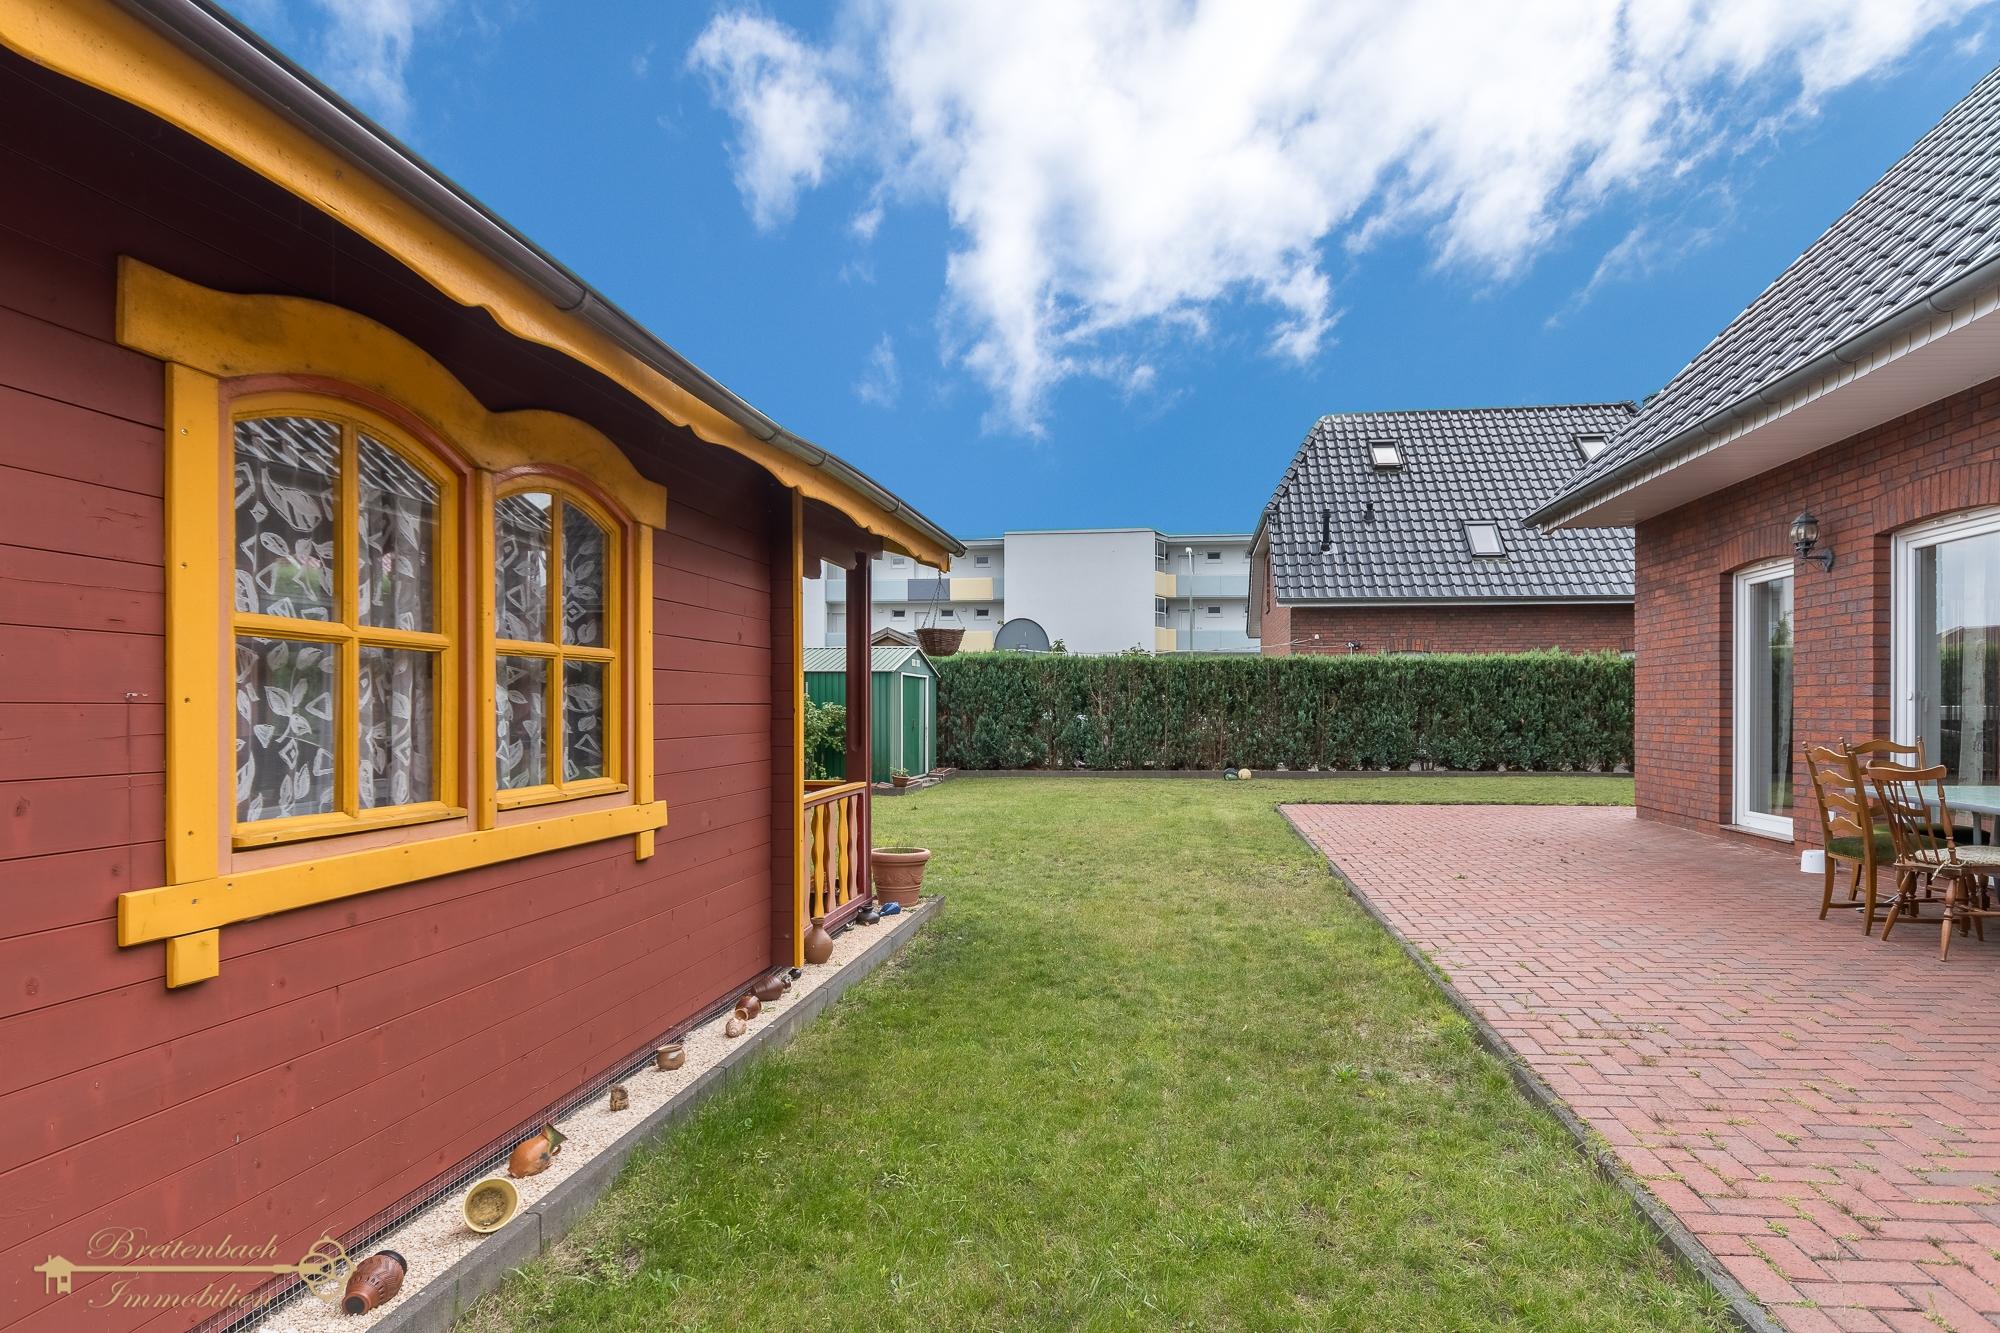 2020-08-01-Breitenbach-Immobilien-4